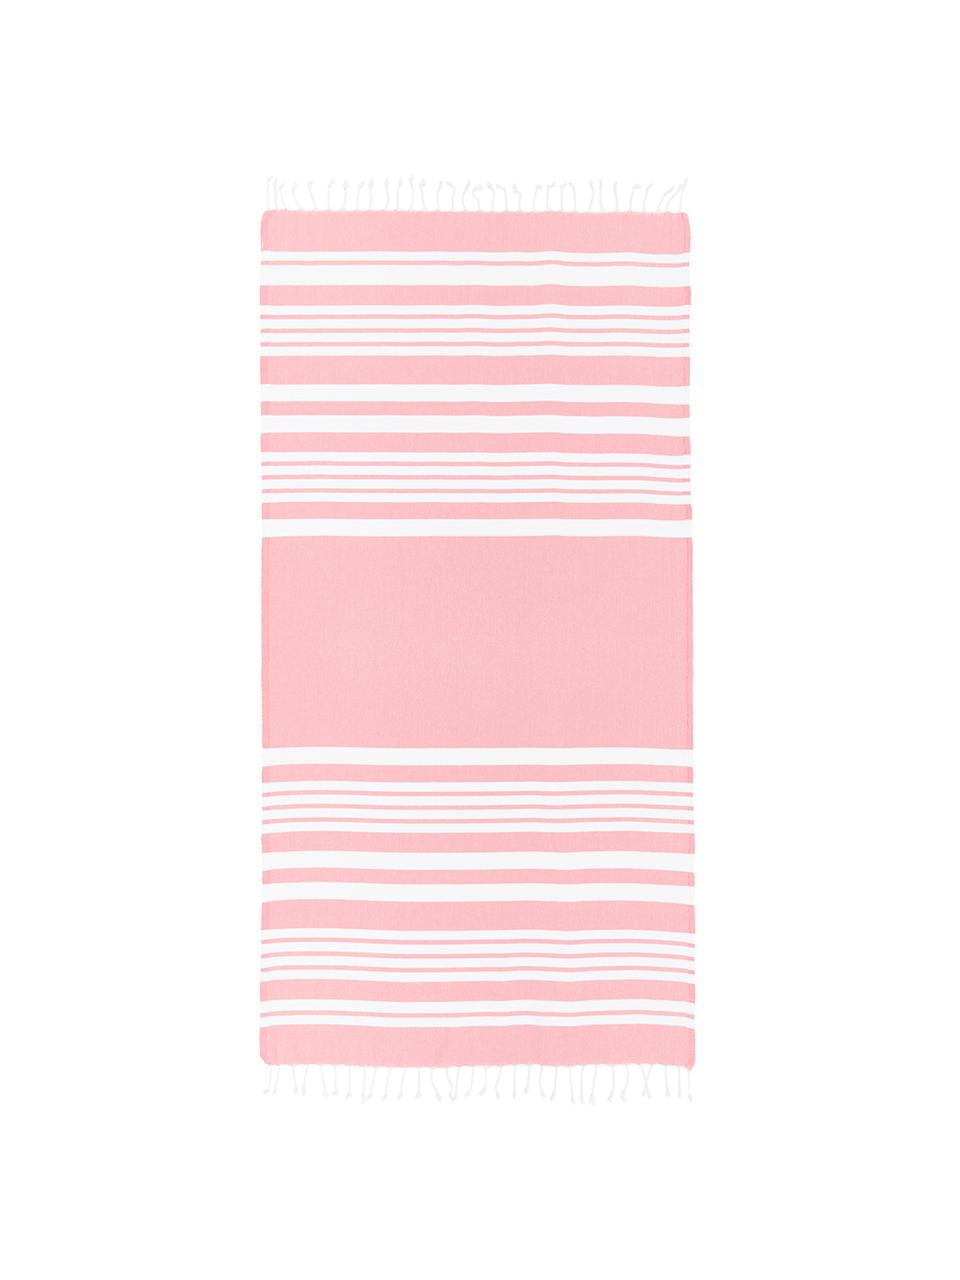 Fouta z frędzlami Stripy, Bawełna Bardzo niska gramatura, 185 g/m², Różowy, biały, S 95 x D 175 cm